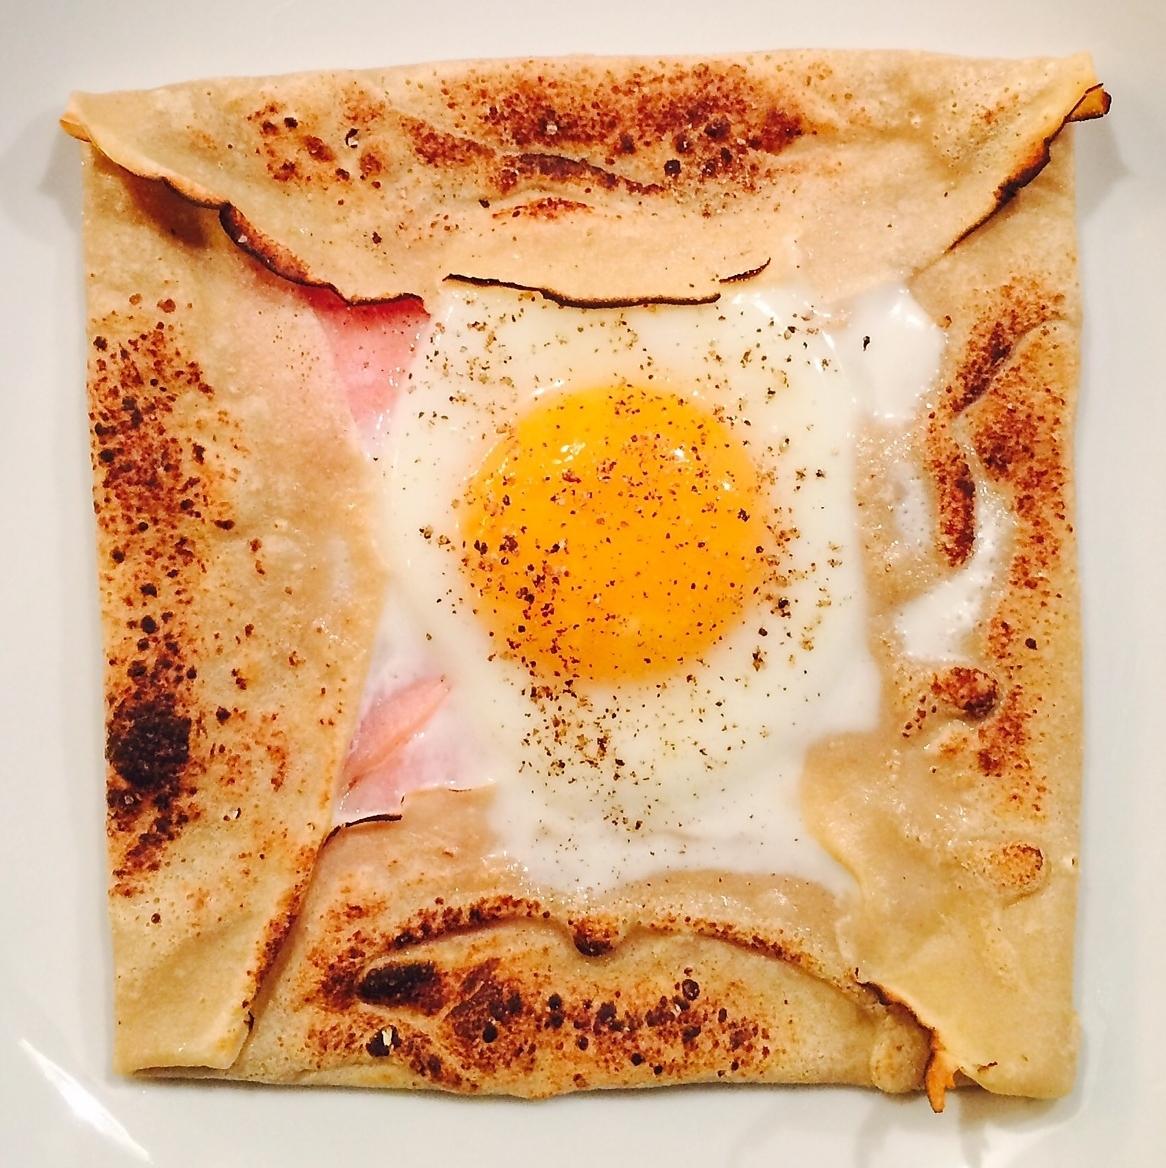 そば粉のガレット(ハム.卵.チーズ)